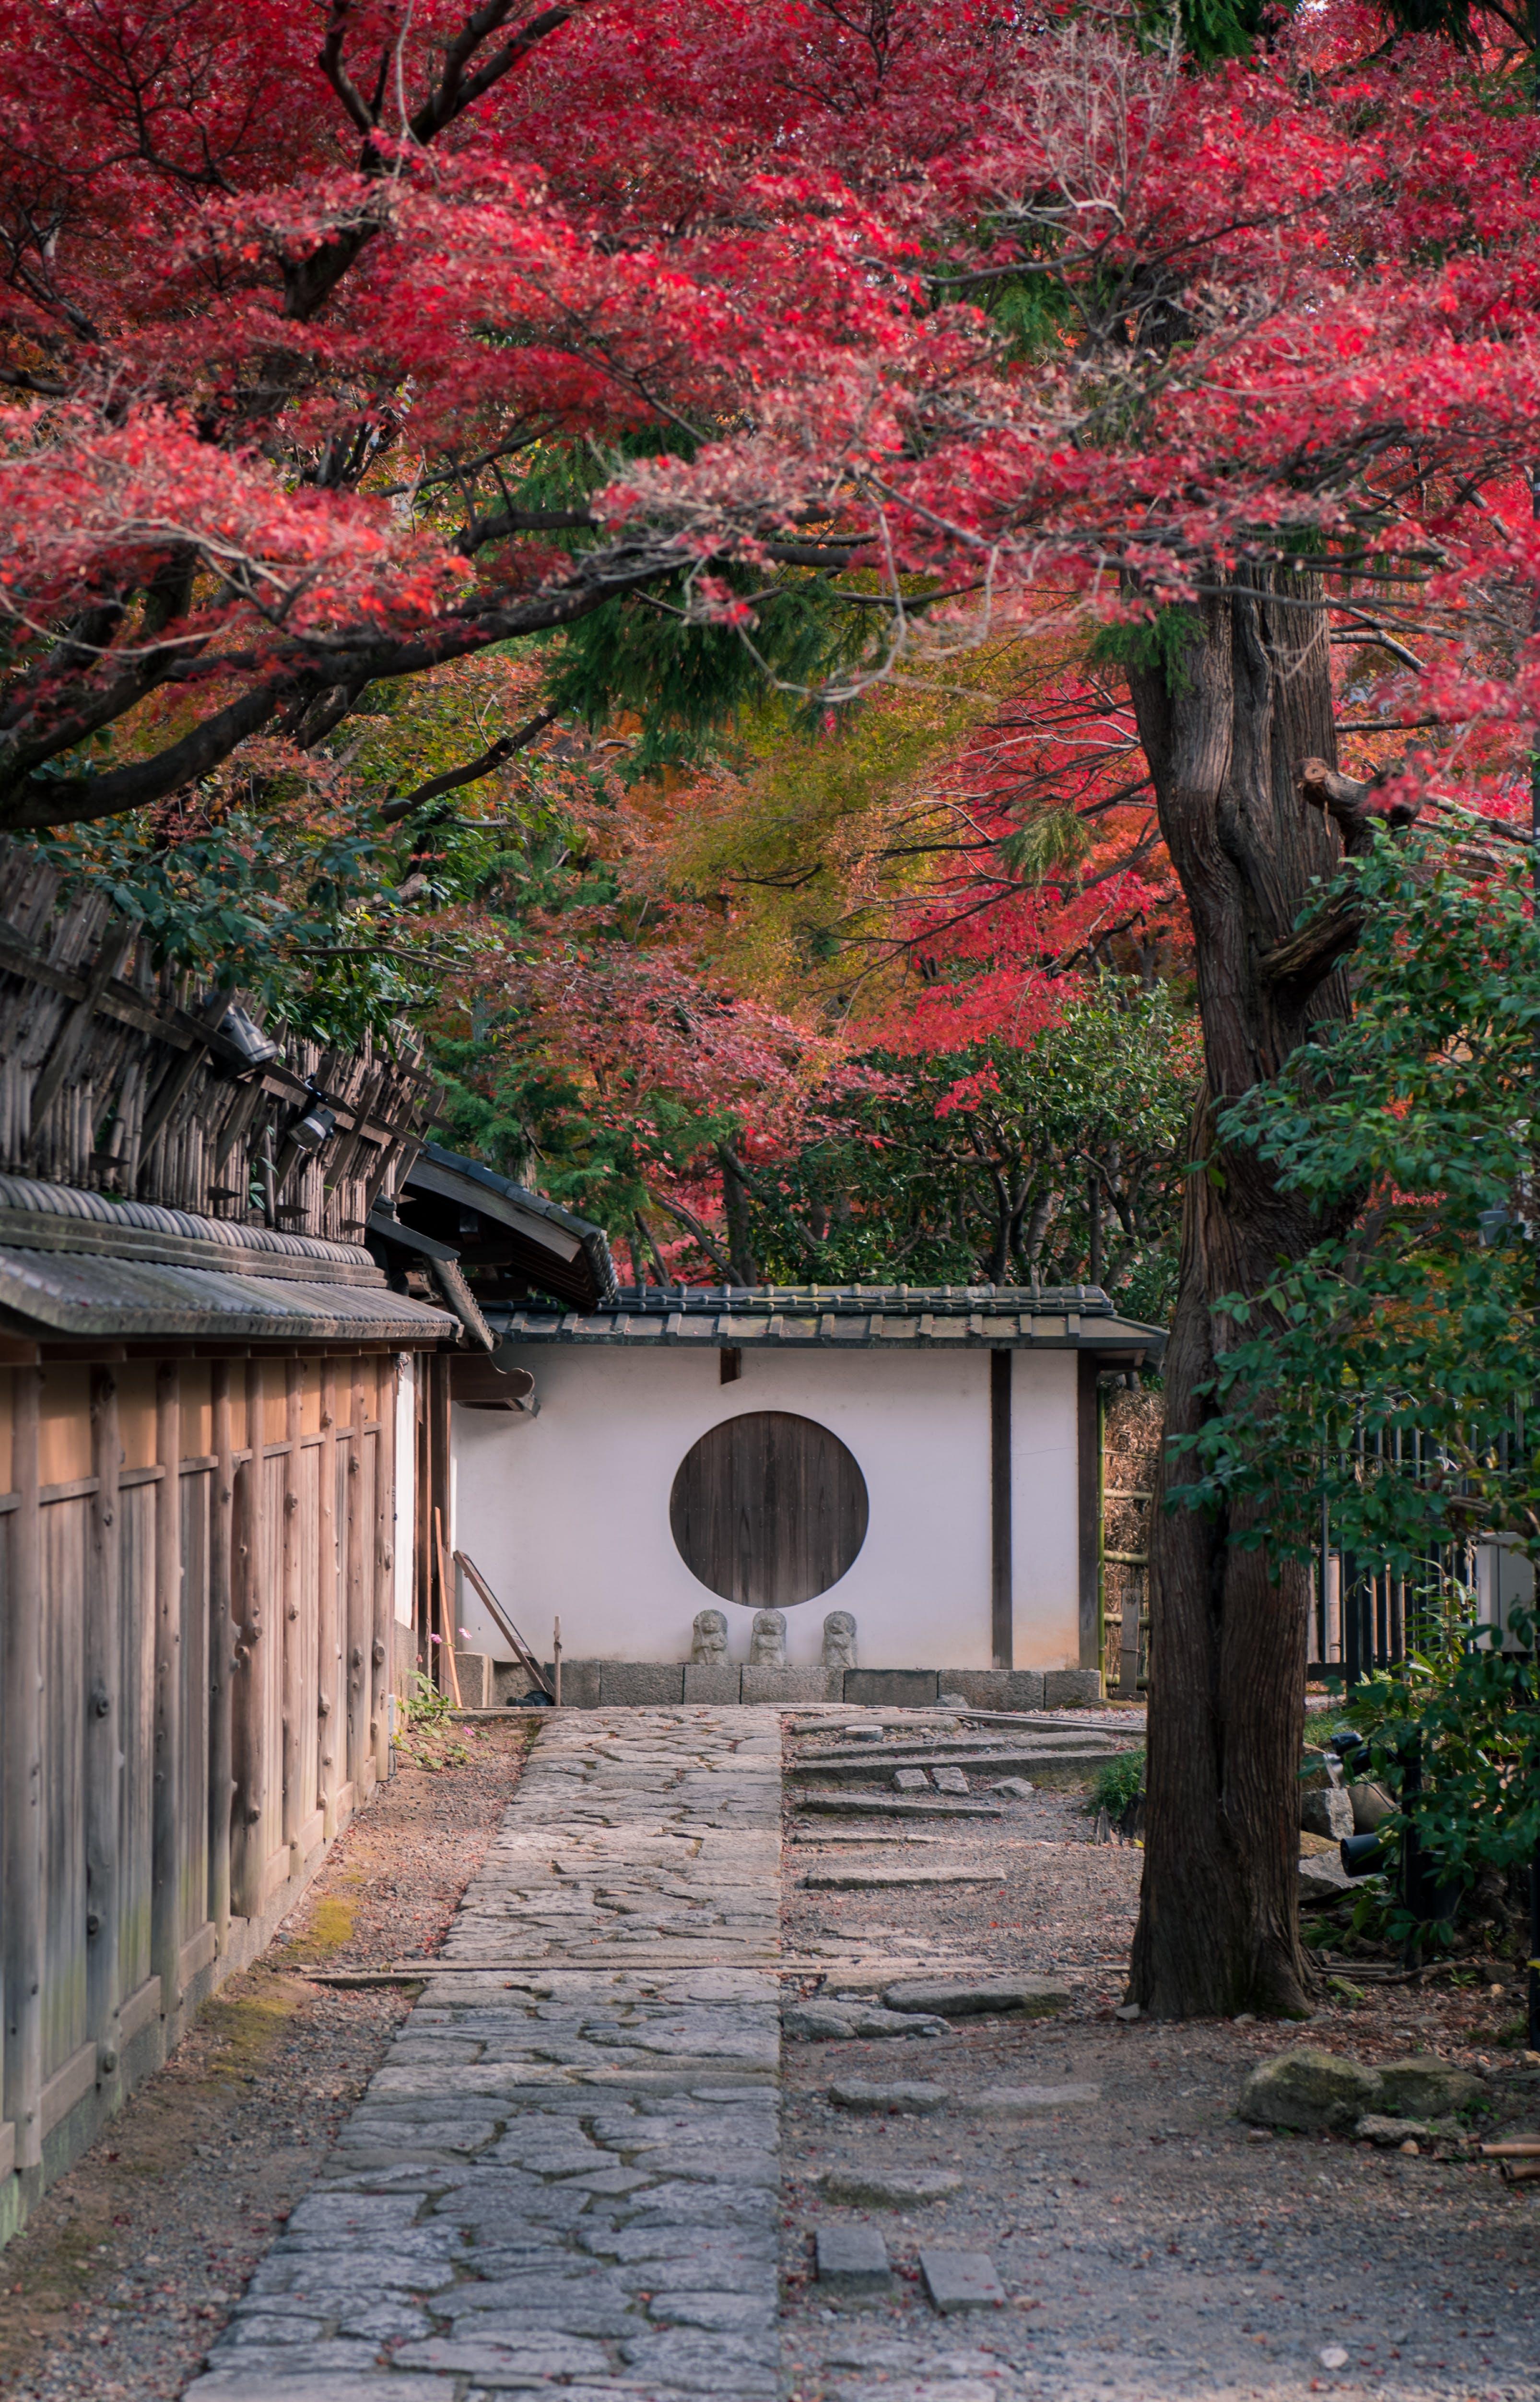 Gratis lagerfoto af arkitektur, Asiatisk arkitektur, bygning, farve